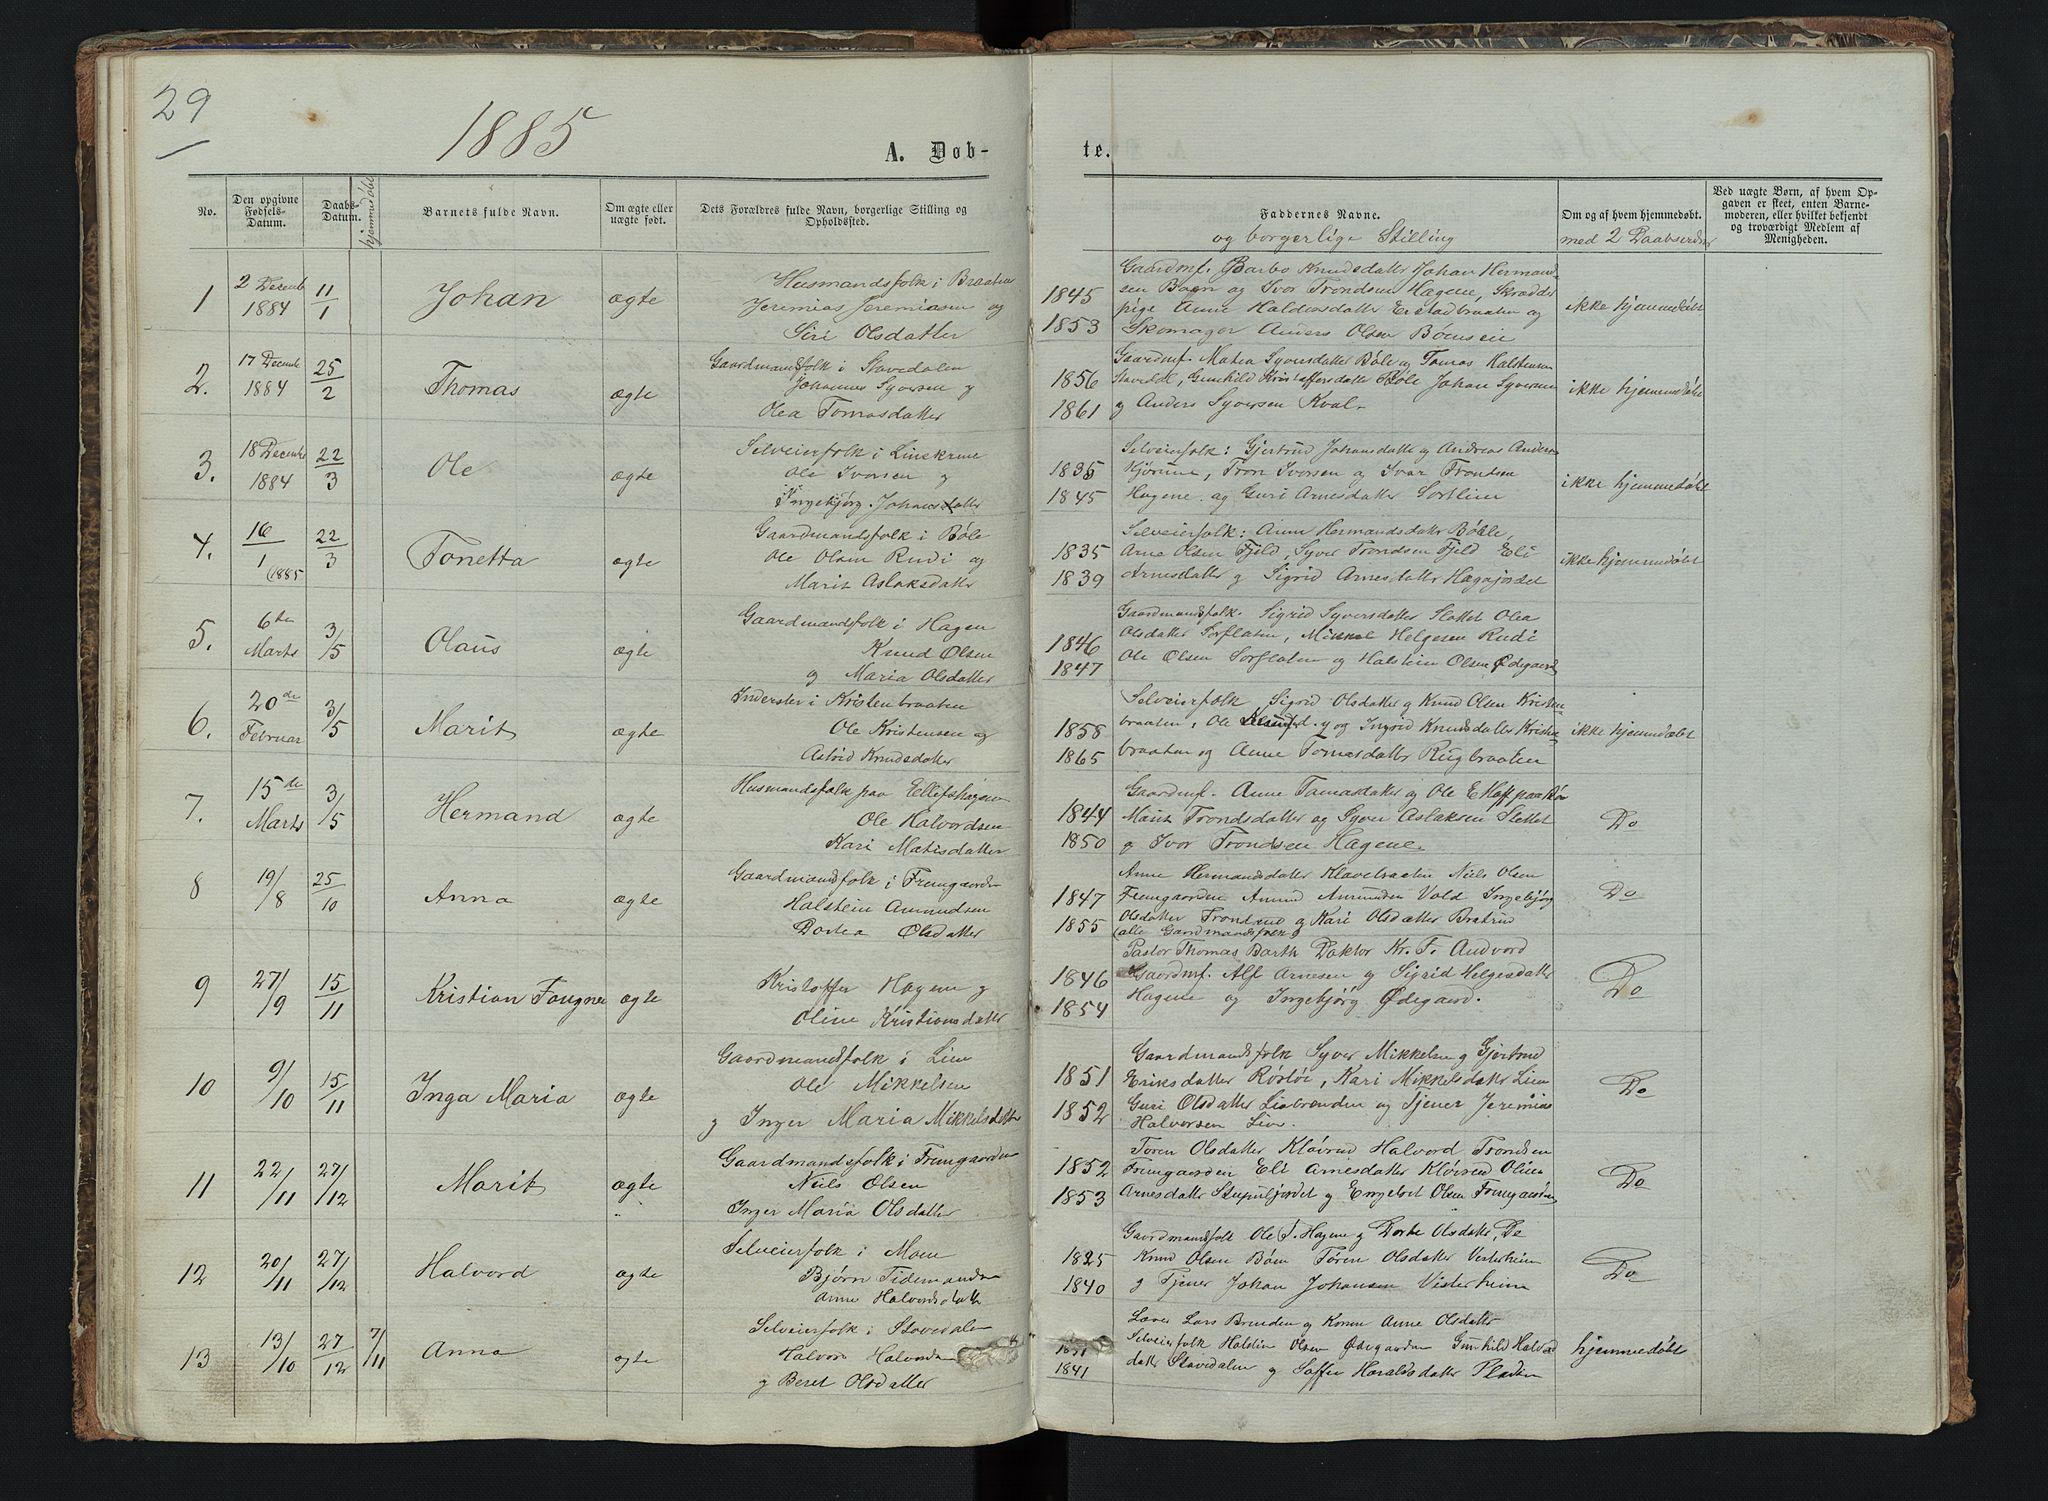 SAH, Sør-Aurdal prestekontor, Klokkerbok nr. 6, 1866-1893, s. 29